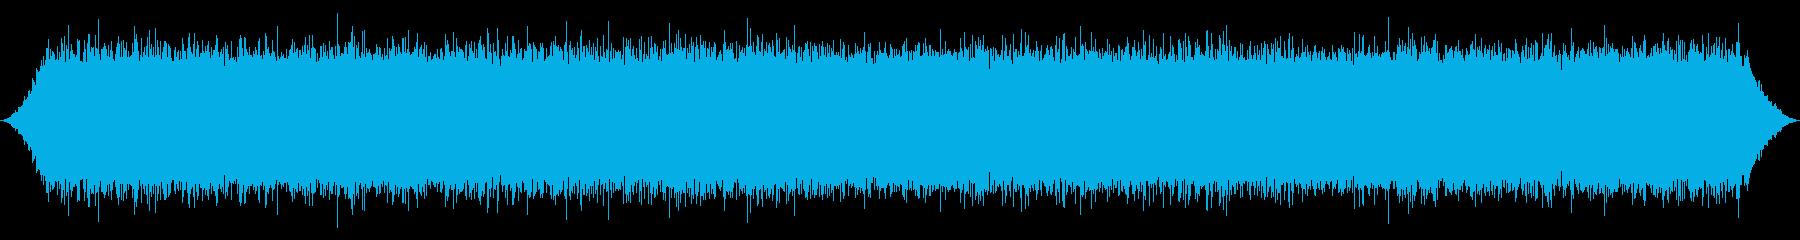 River:ディープファーストスム...の再生済みの波形